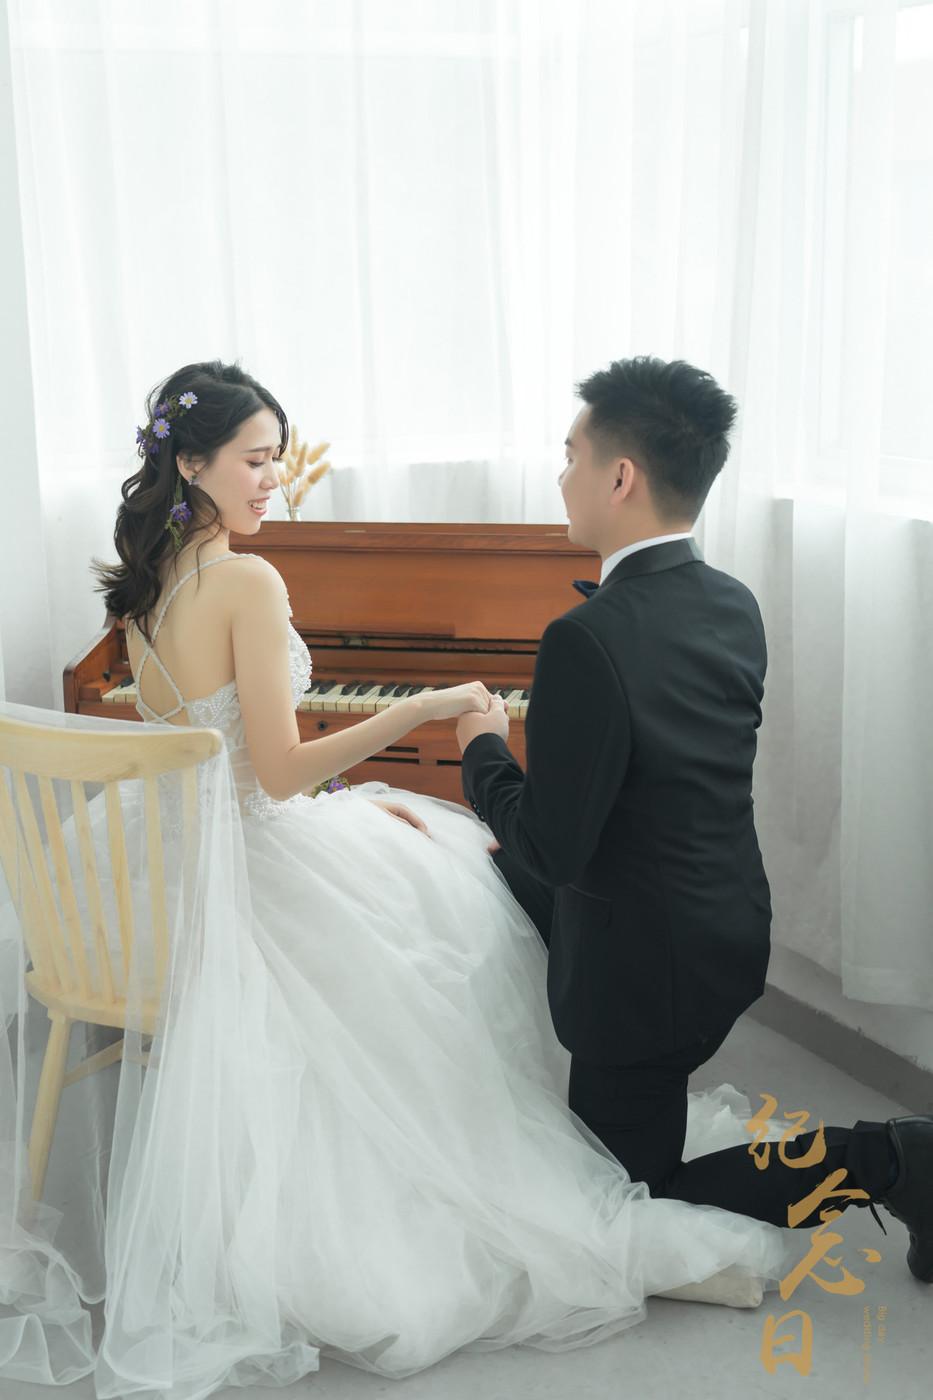 婚纱 | 嘉颖&靖怡14